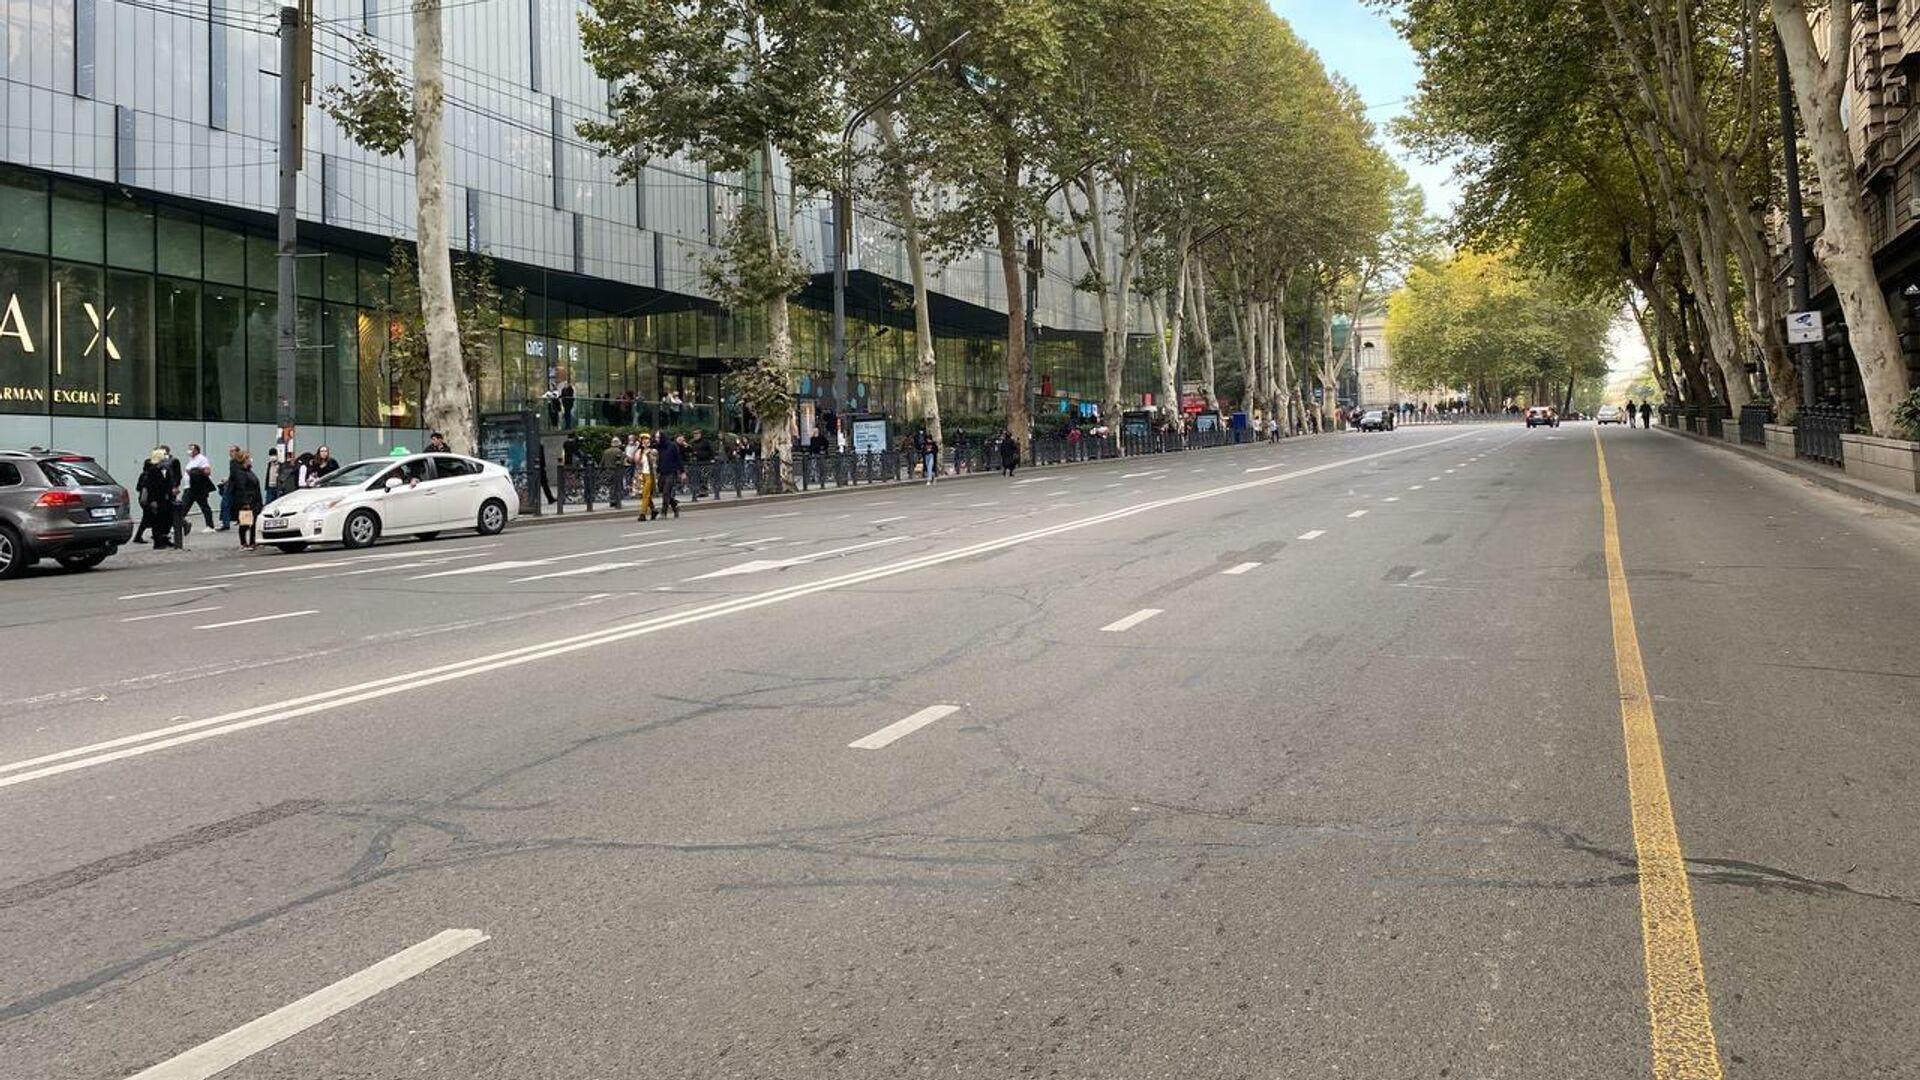 Автомобильное движение по проспекту Руставели остановлено перед акцией протеста 14 октября - Sputnik Грузия, 1920, 14.10.2021